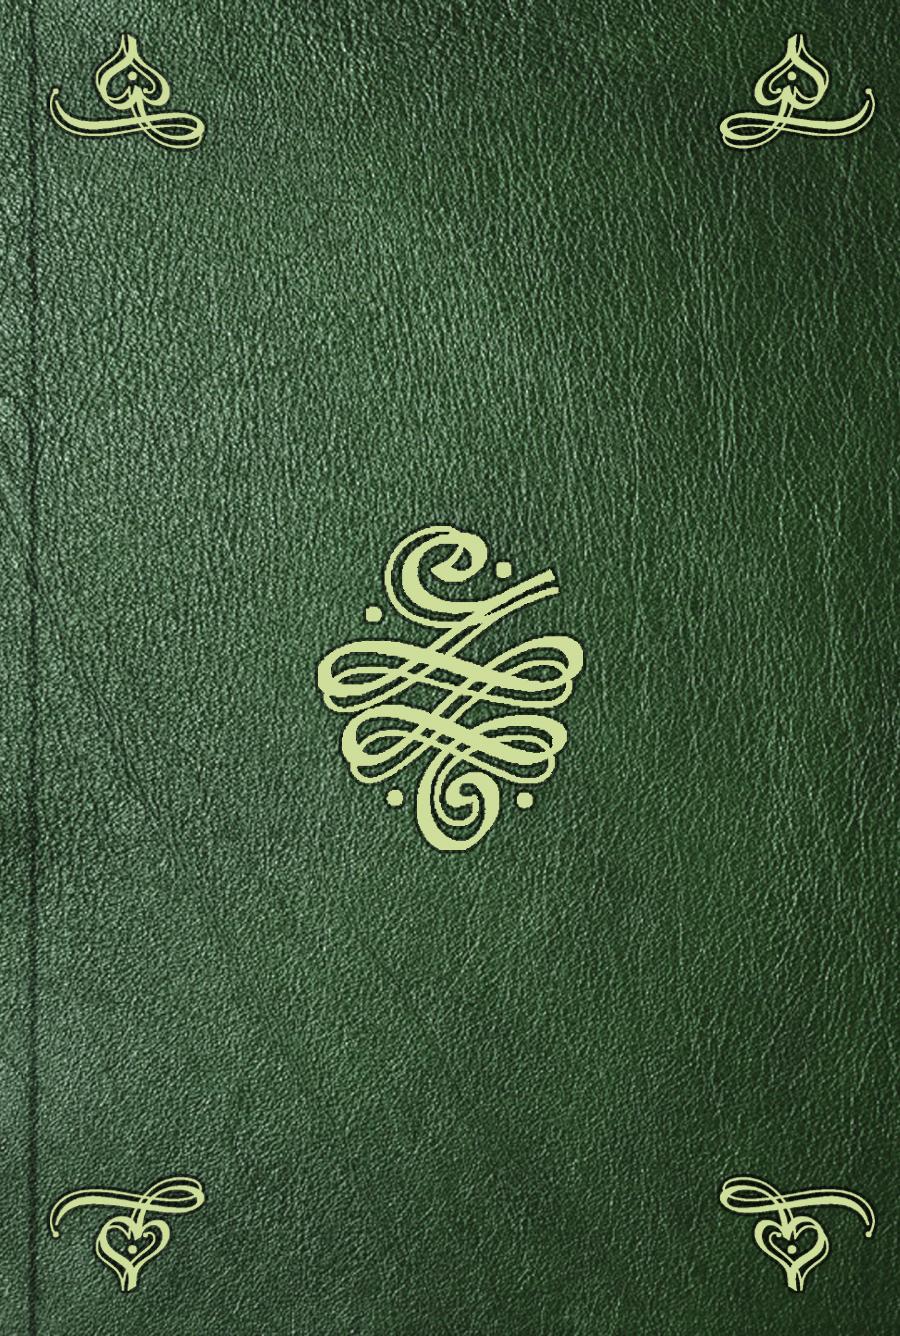 Charles Bonnet Oeuvres d'histoire naturelle et de philosophie. T. 15 charles bonnet oeuvres d histoire naturelle et de philosophie t 16